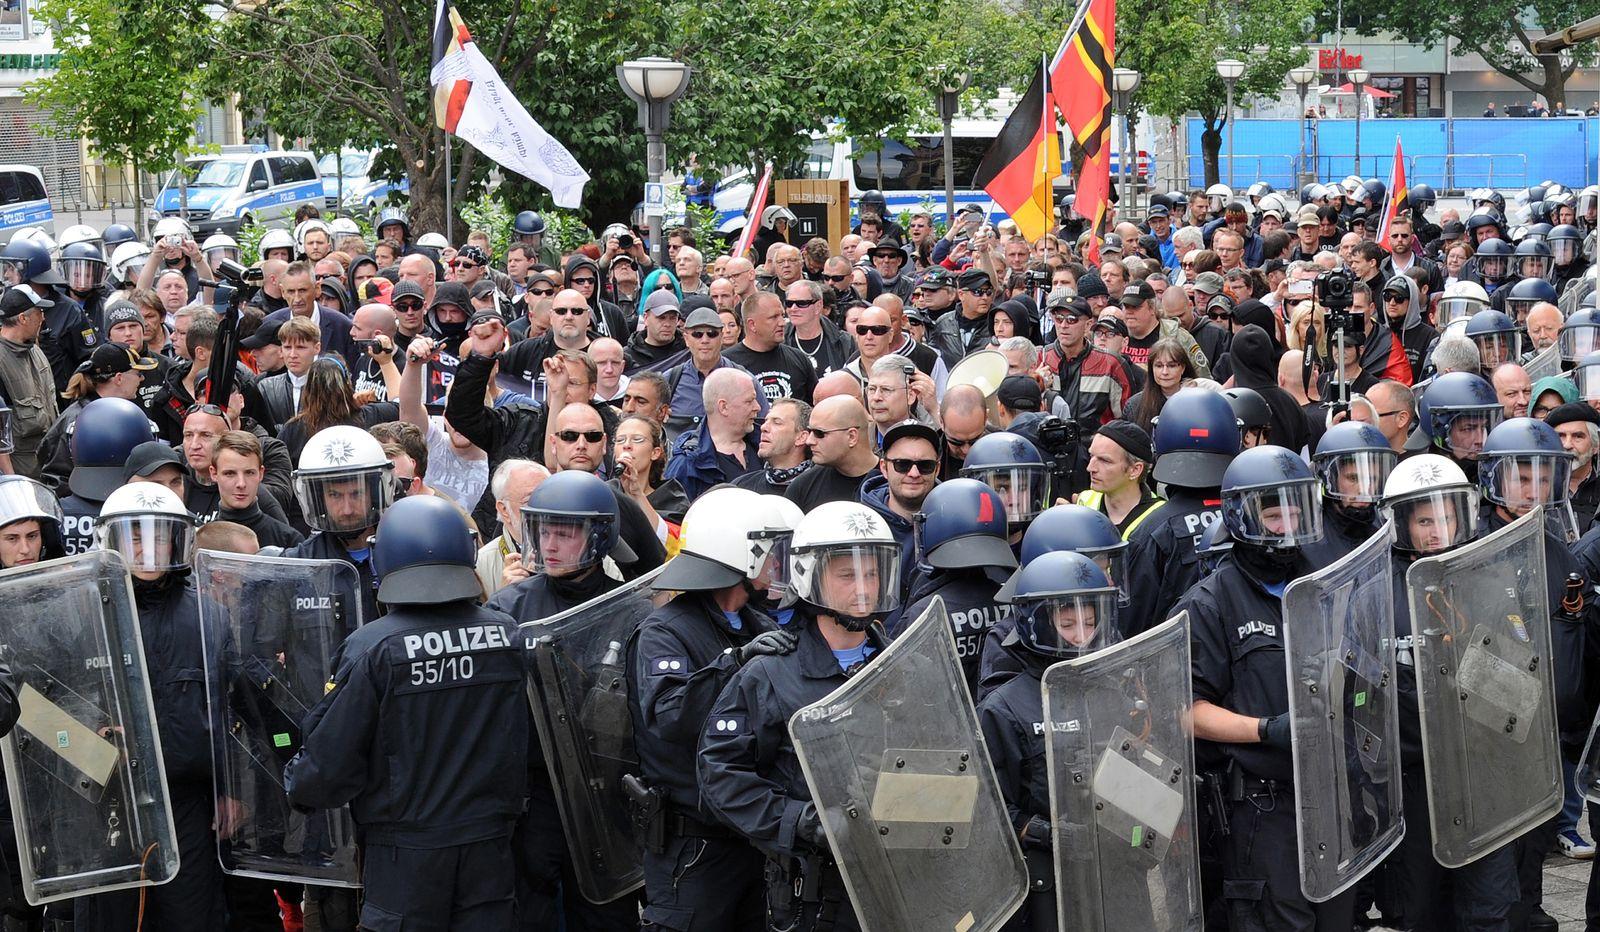 Hessen/ Rechtsextremismus